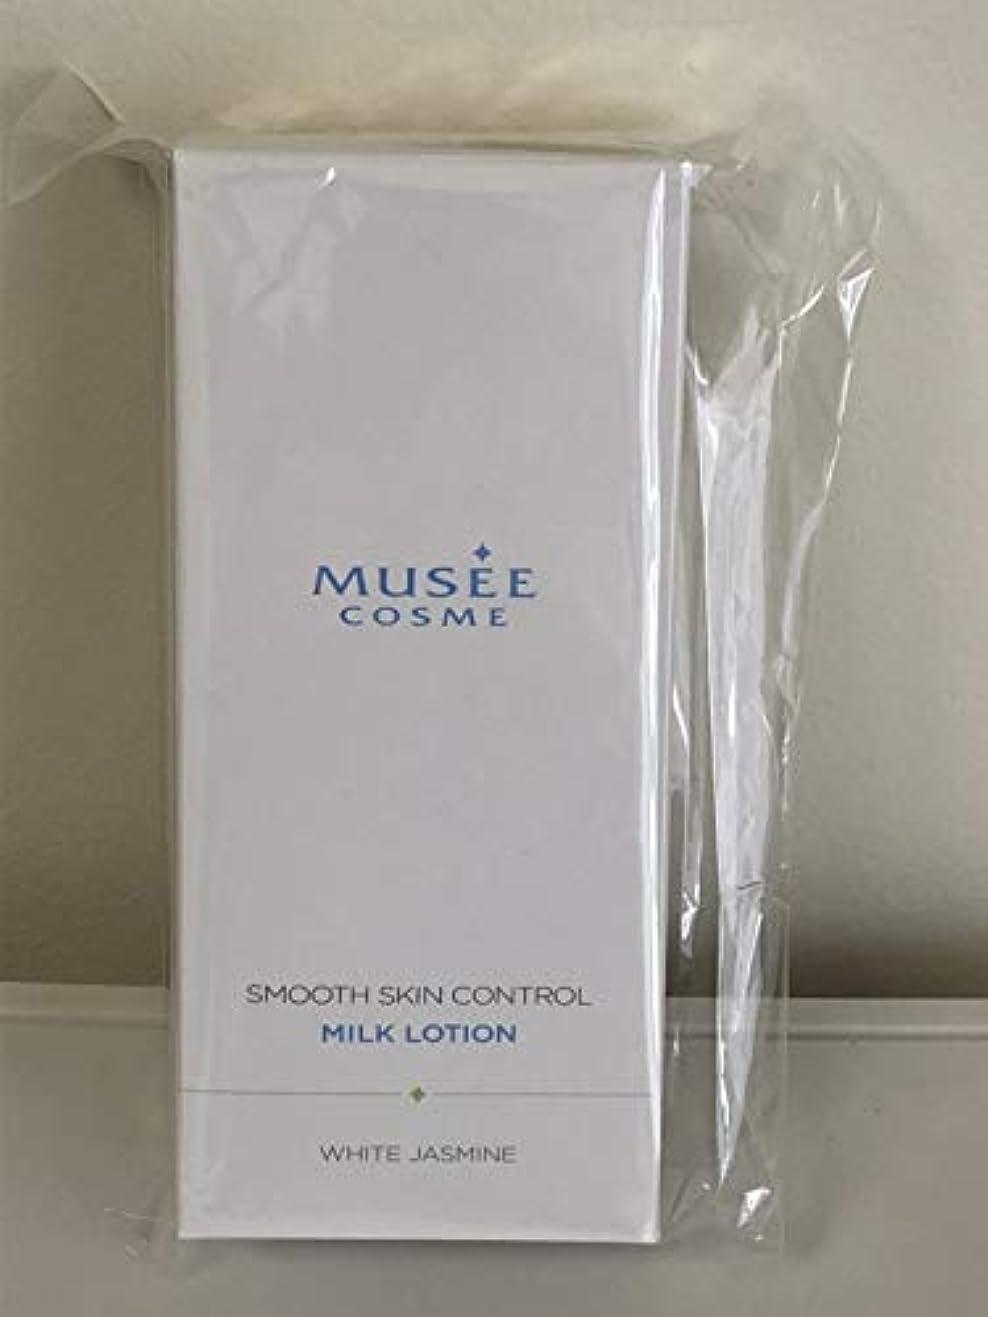 受信ガラスブレーキミュゼコスメ 薬用スムーススキンコントロール ミルクローション 300mL ホワイトジャスミンの香り